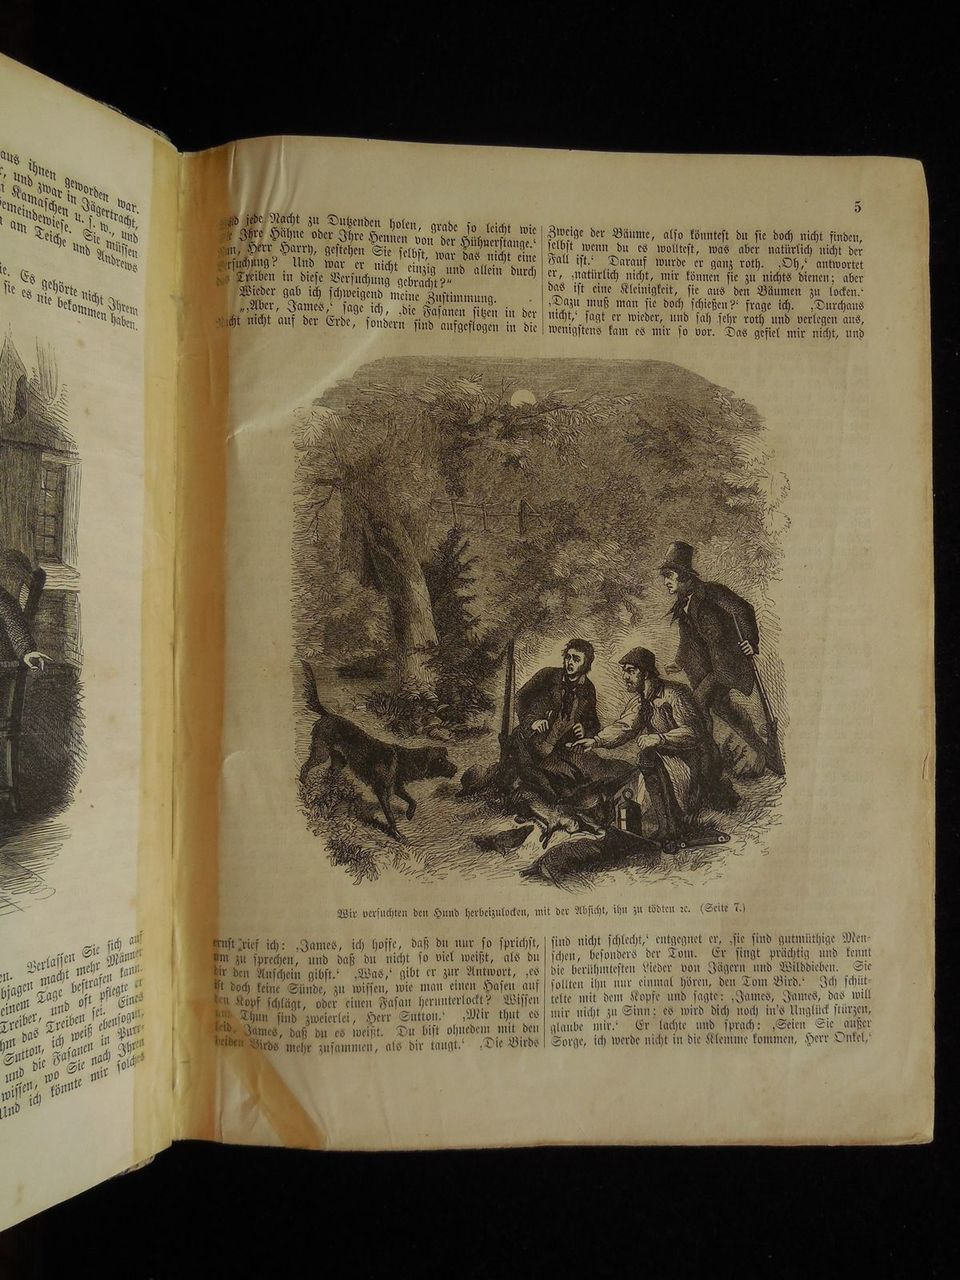 DAS BUCH DER WELT - 1862 [24 Hand-Colored Plates]